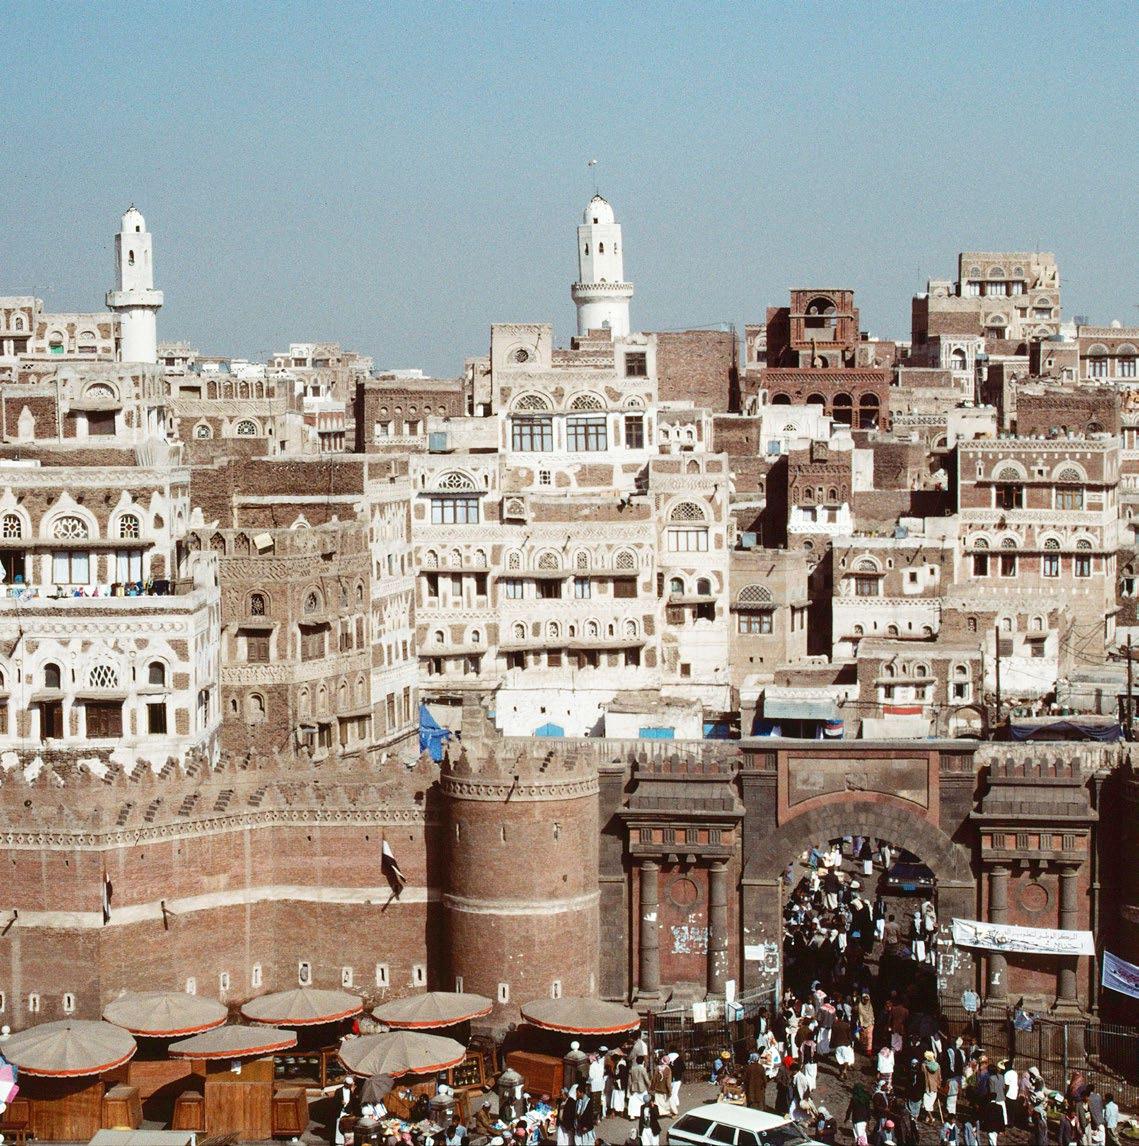 عاصمة اليمن وكل المعلومات عنها